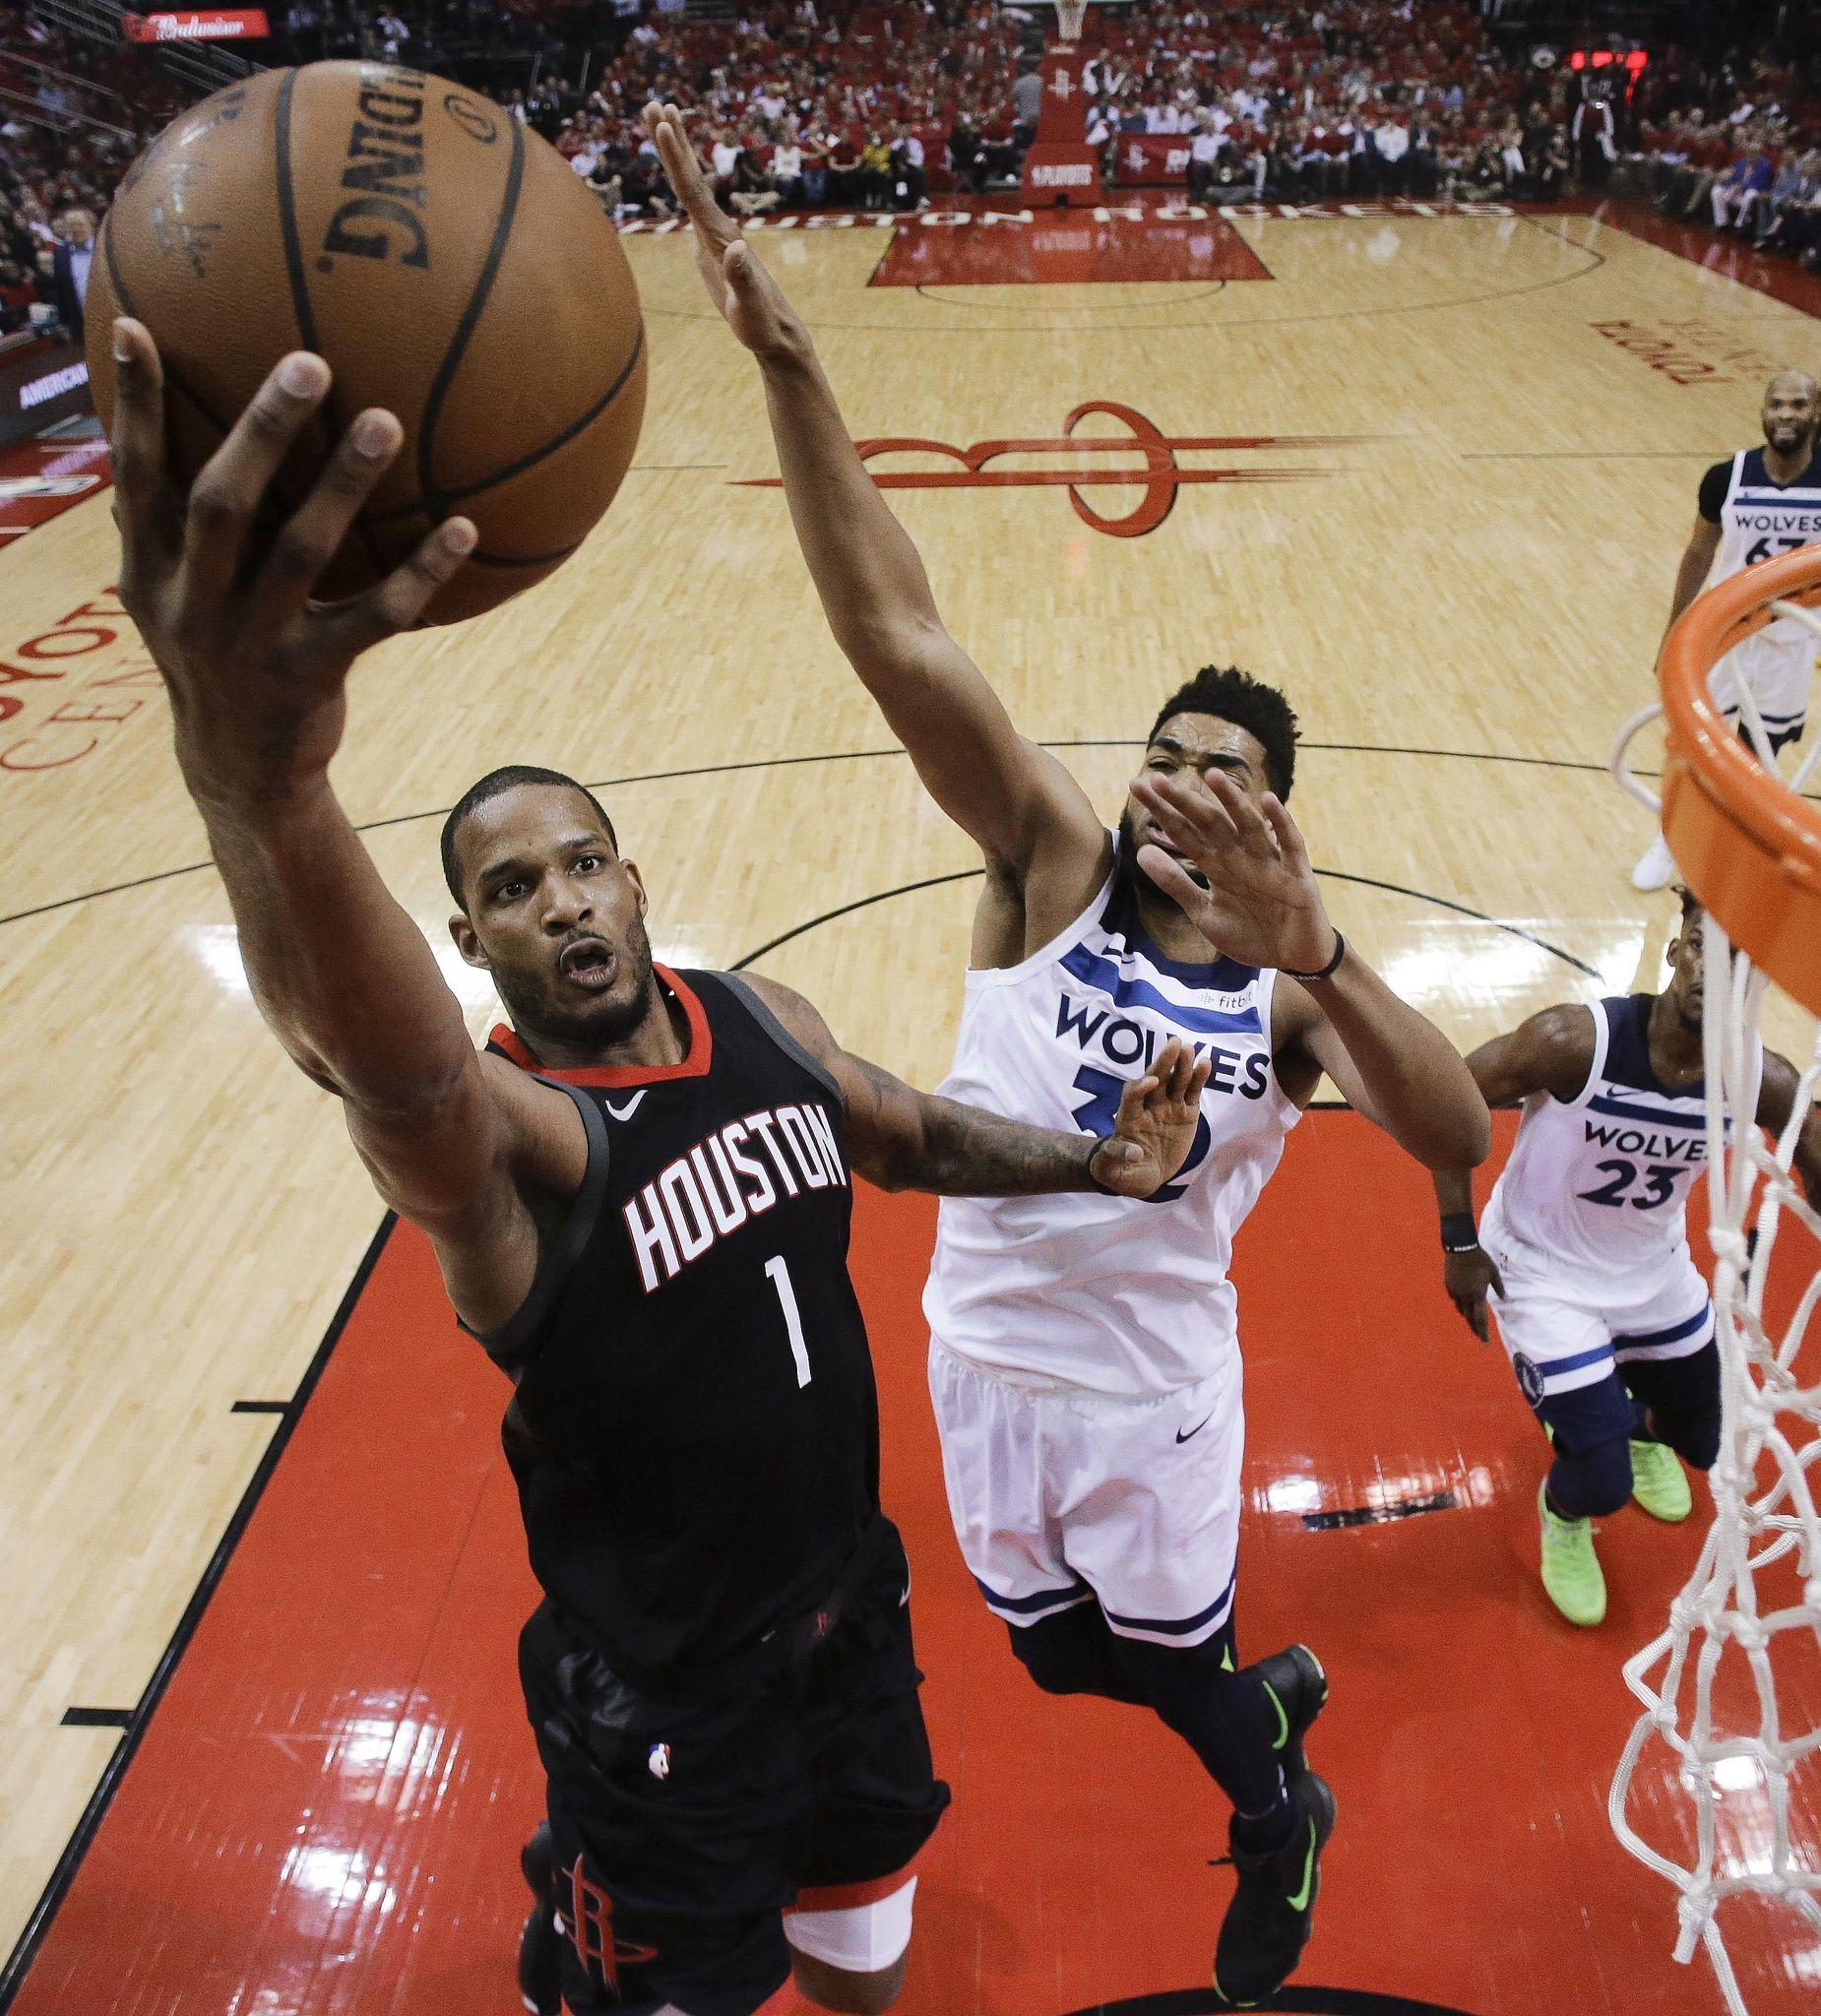 Timberwolves_rockets_basketball_28330_s1850x2048